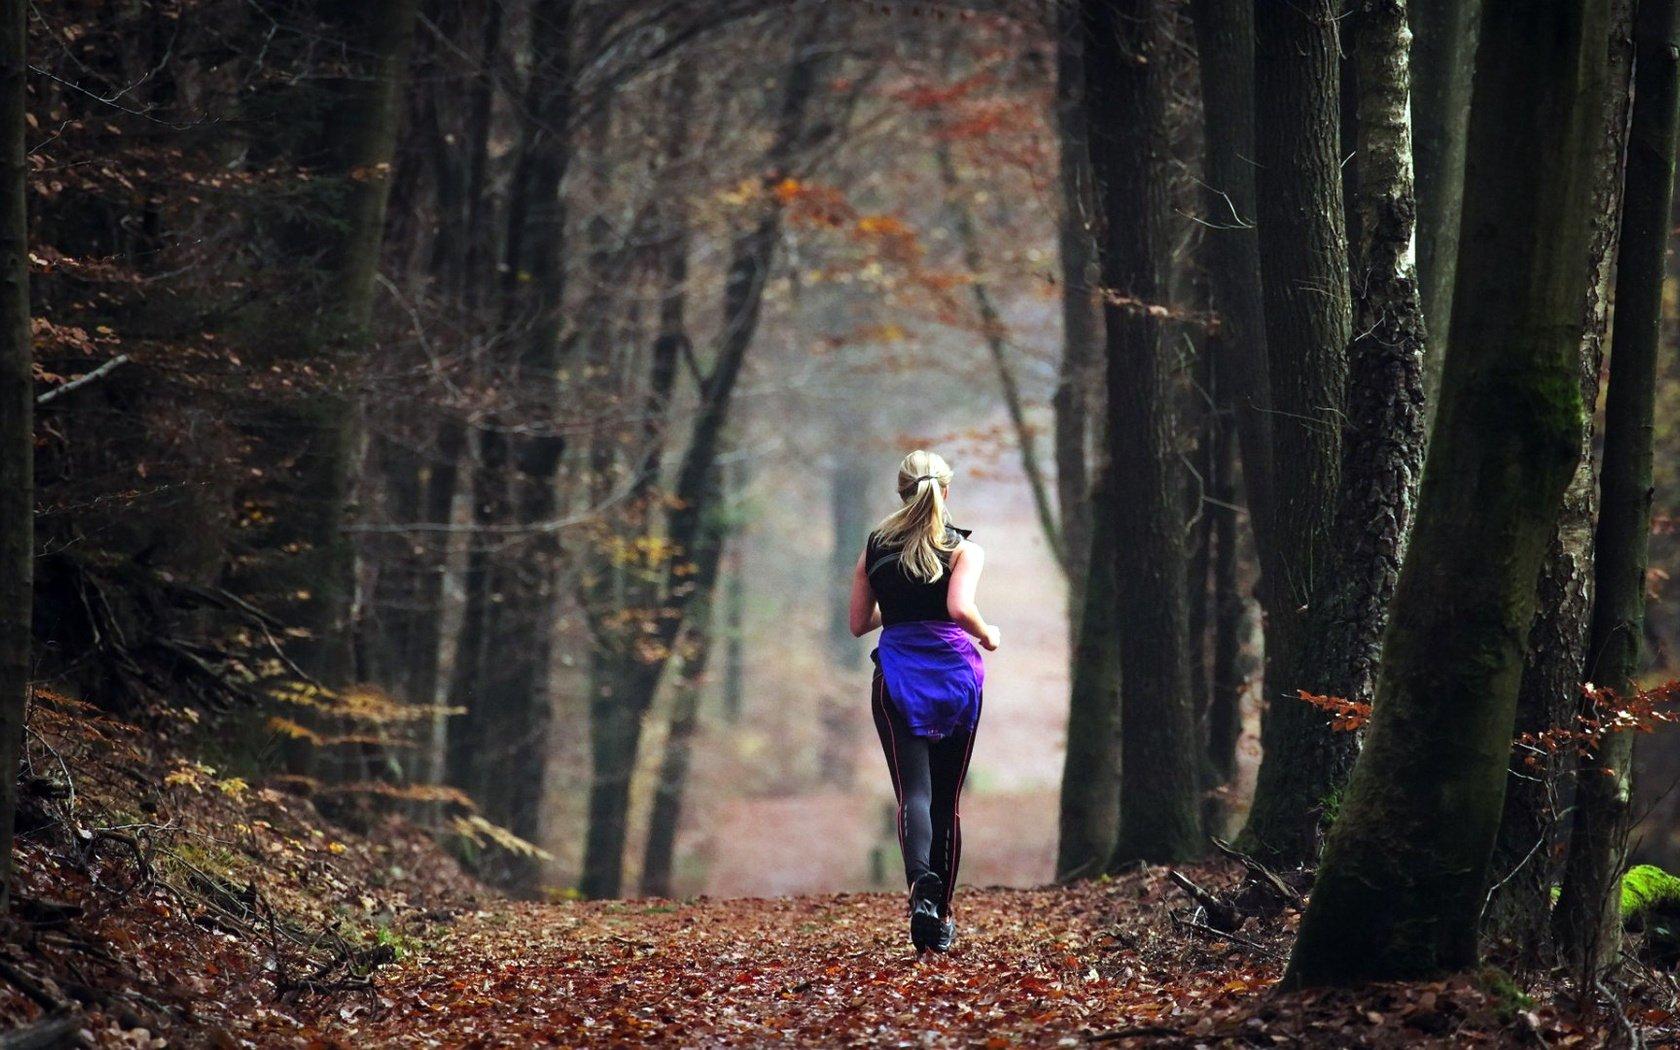 Стройная девушка со спины смотрит на утренний лес, секс с русскими замужними онлайн